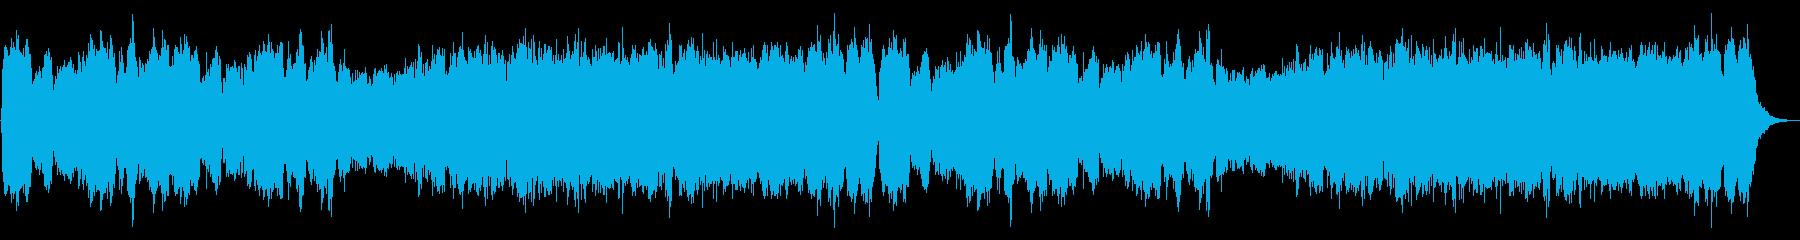 パイプオルガン・コーラスの明るく荘厳な曲の再生済みの波形